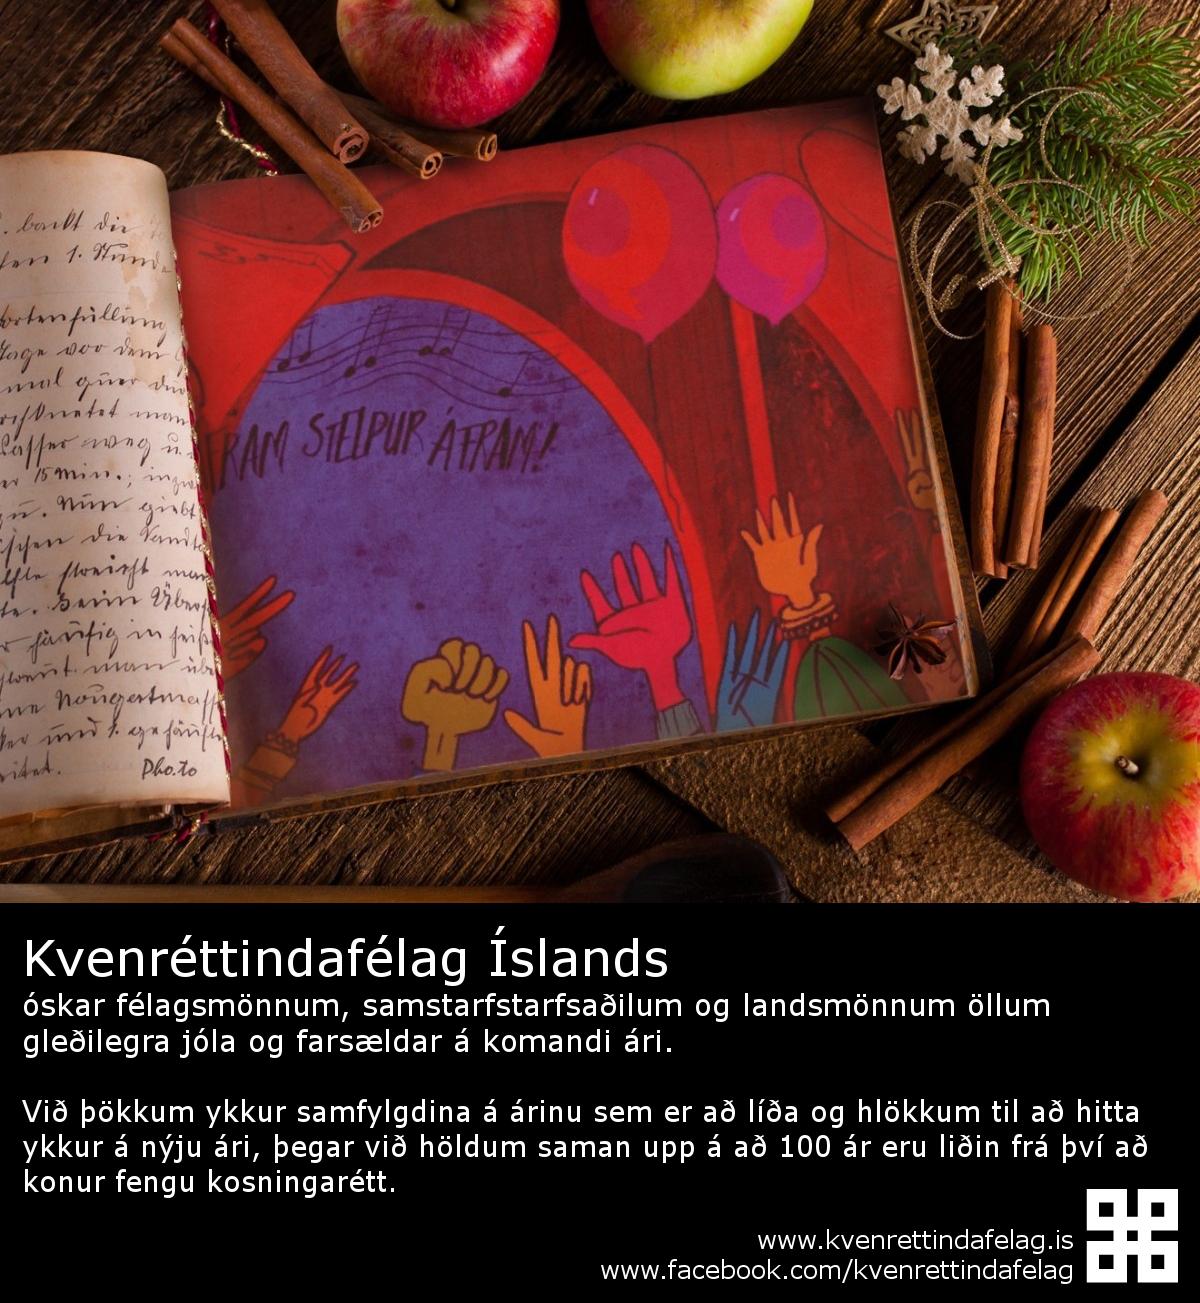 Kvenréttindafélag Íslands óskar landsmönnum gleðilegra jóla og farsæls komandi árs.